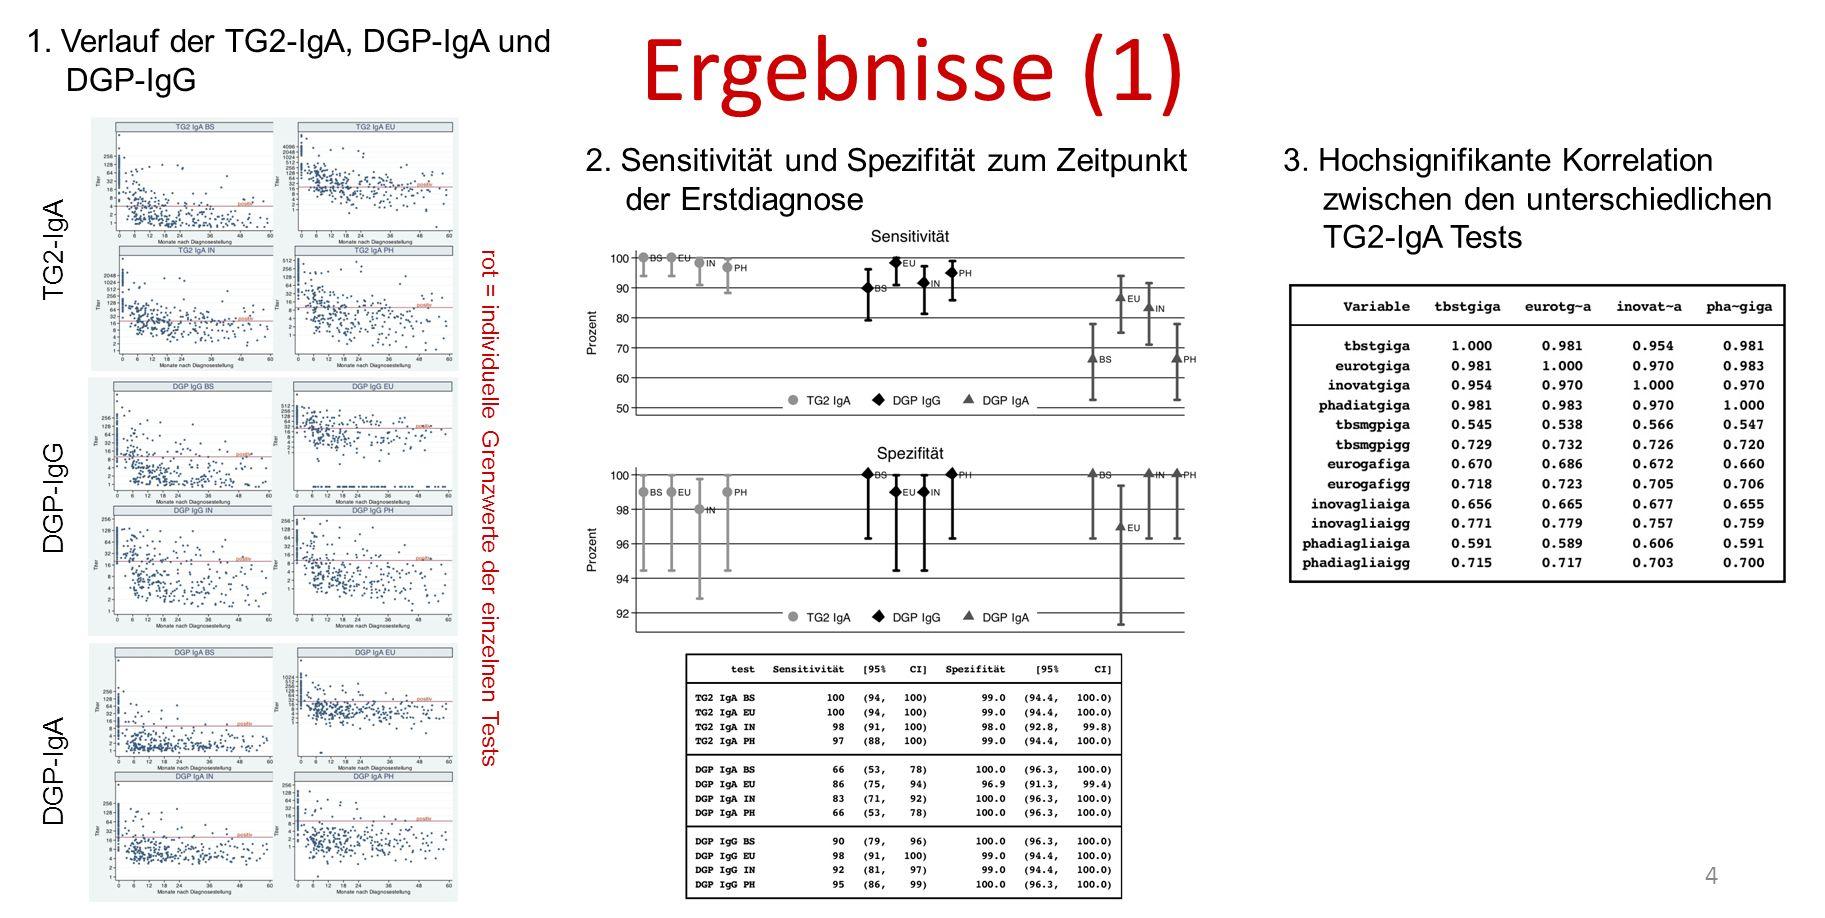 Ergebnisse (1) 1. Verlauf der TG2-IgA, DGP-IgA und DGP-IgG